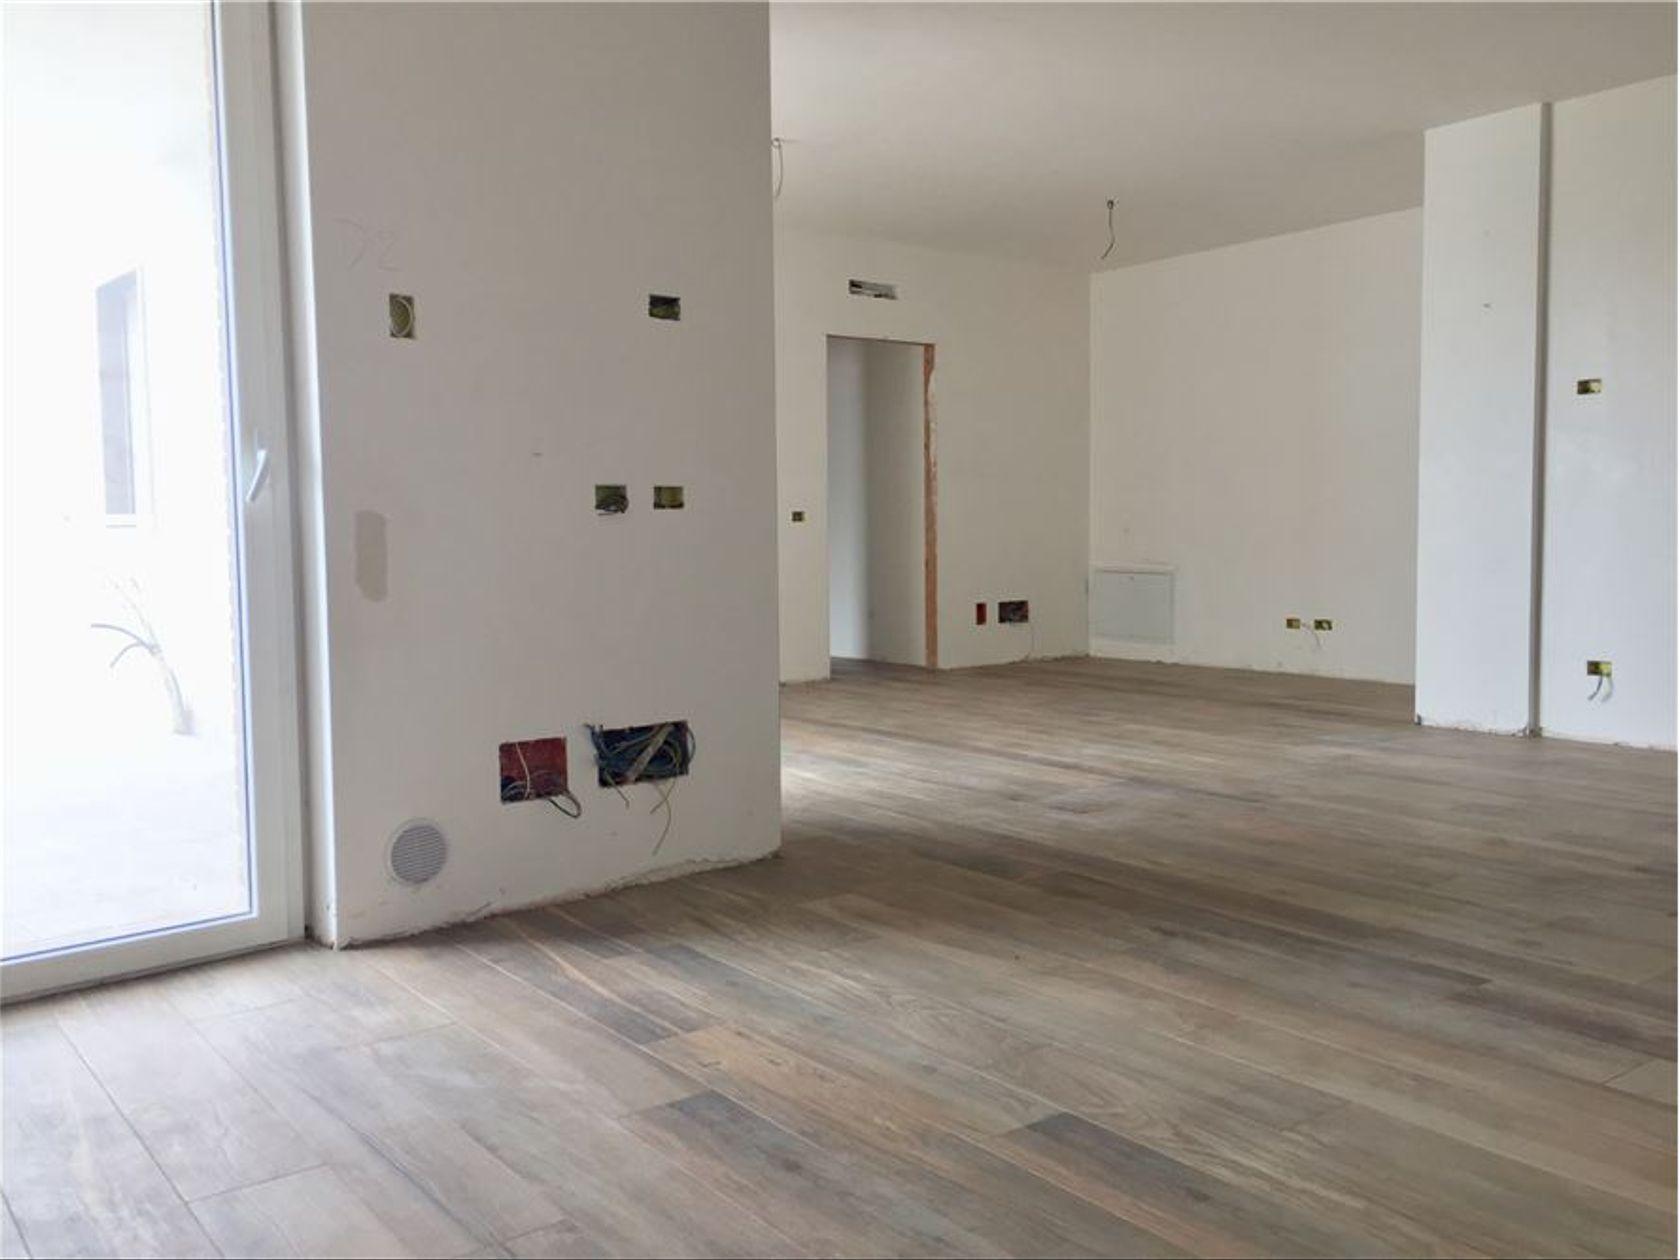 Appartamento Picone, Bari, BA Vendita - Foto 8